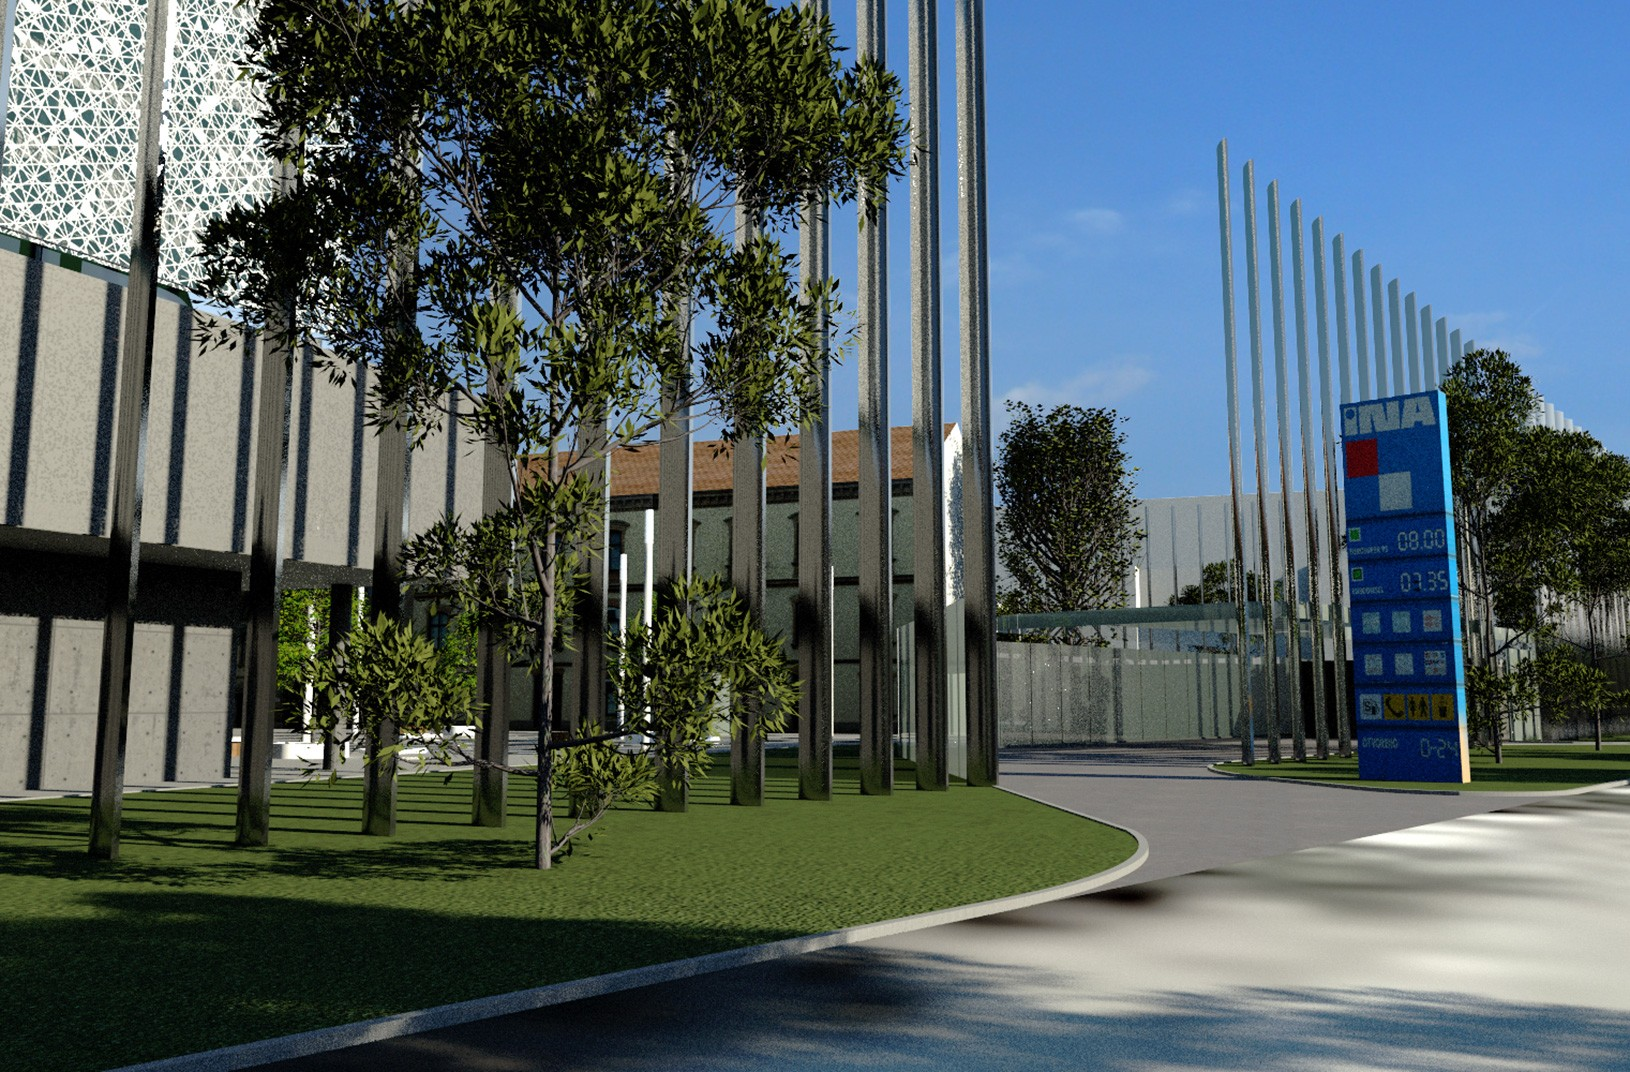 Poslovna zgrada Adris grupa, UPI-2M